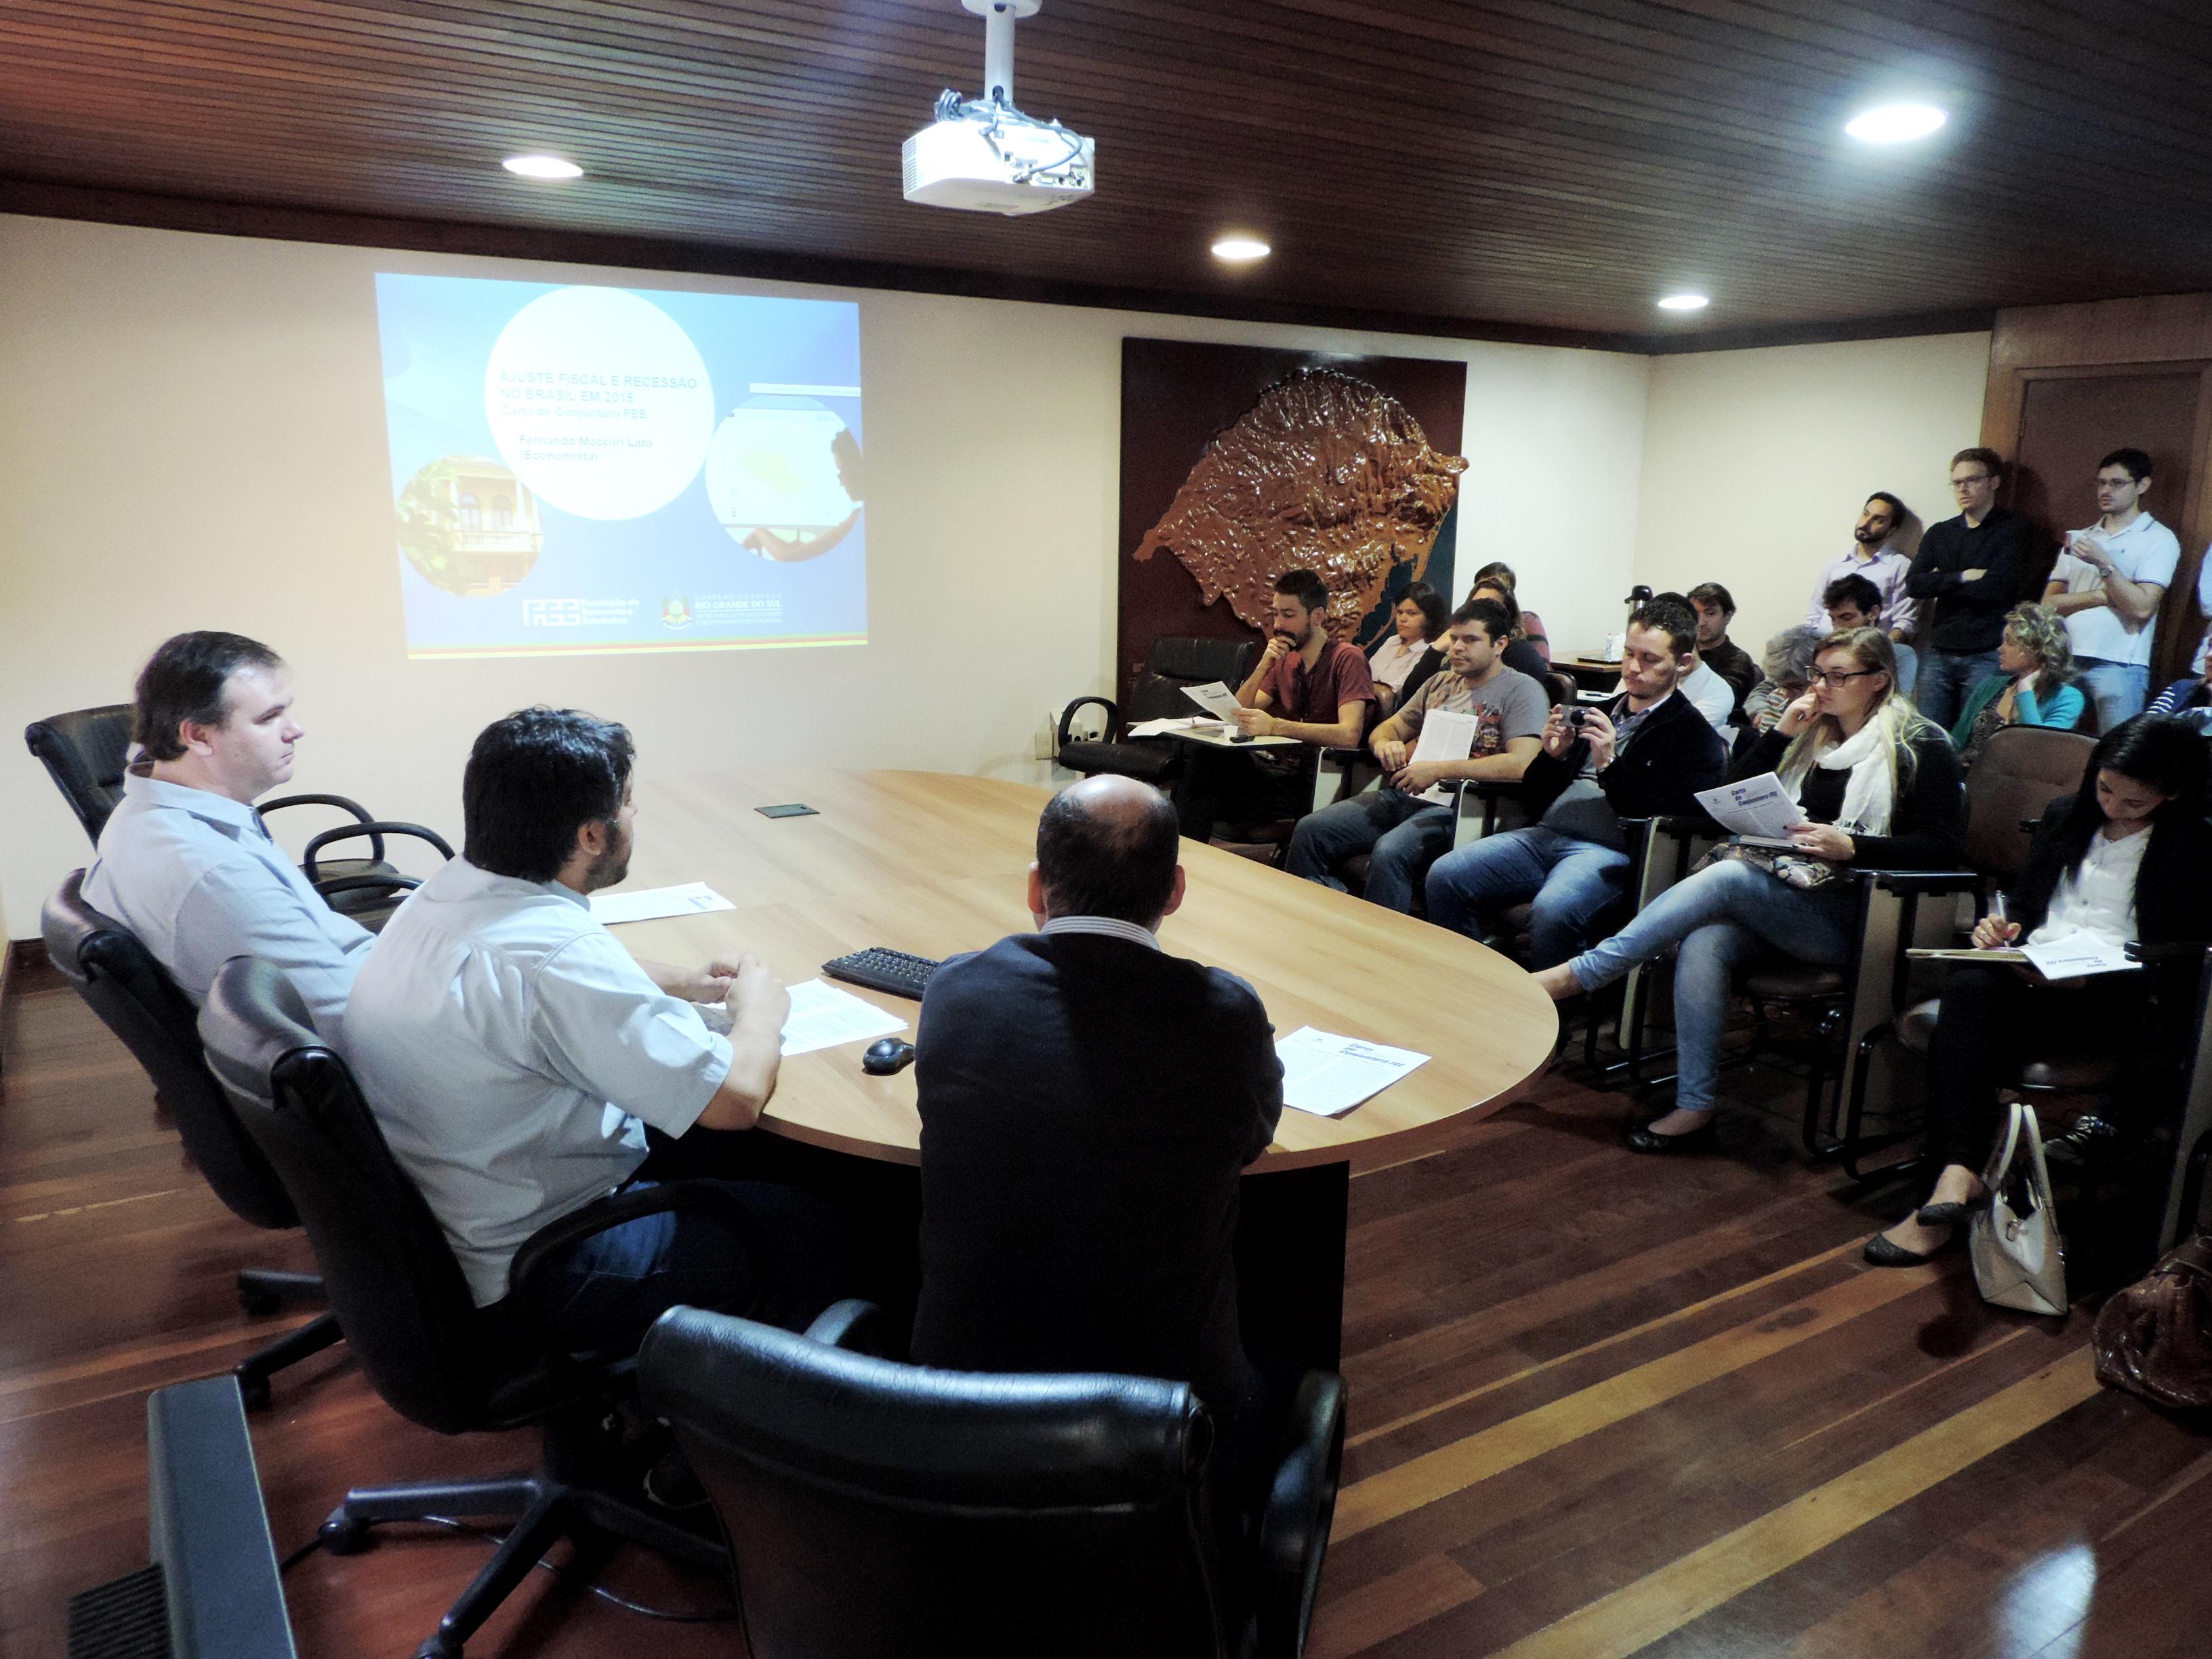 Coletiva para apresentação da Carta, com a presença de alunos da UCS